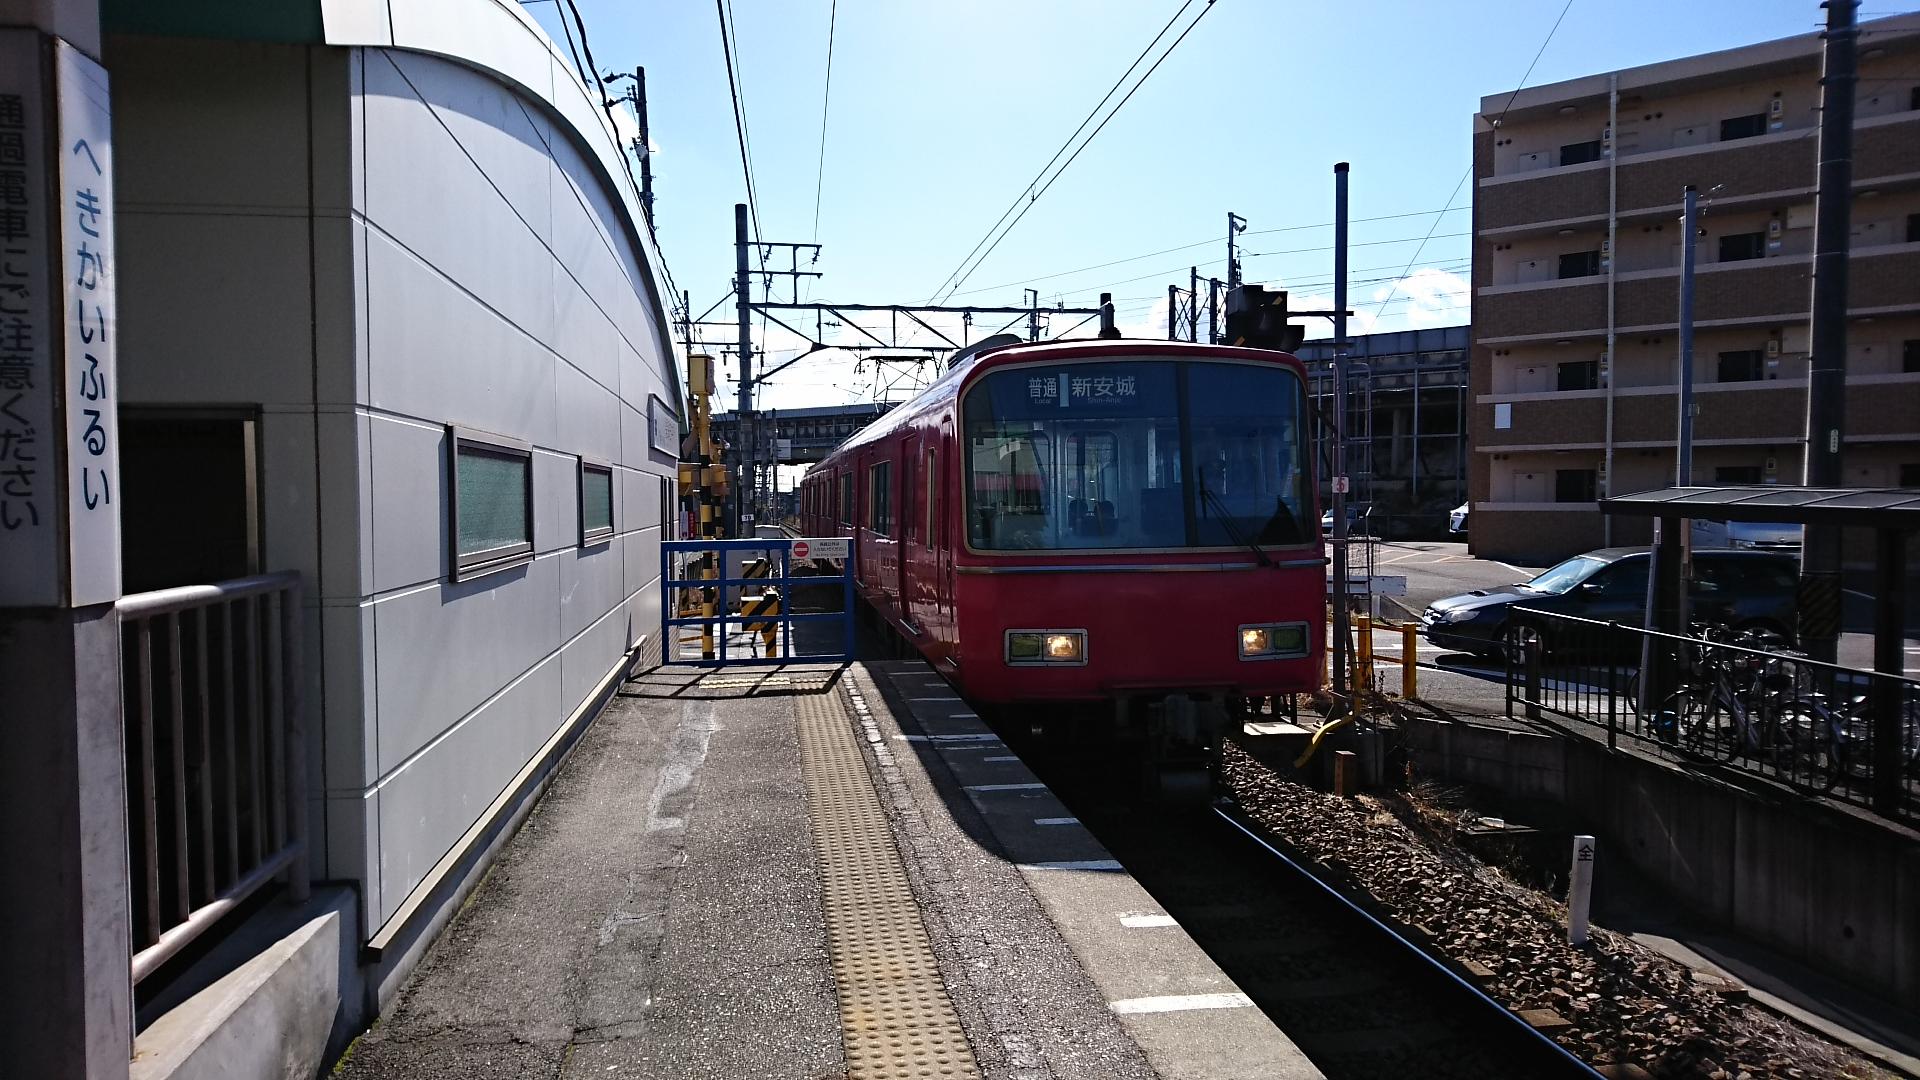 2018.1.3 名鉄 (1) 古井 - しんあんじょういきふつう 1920-1080